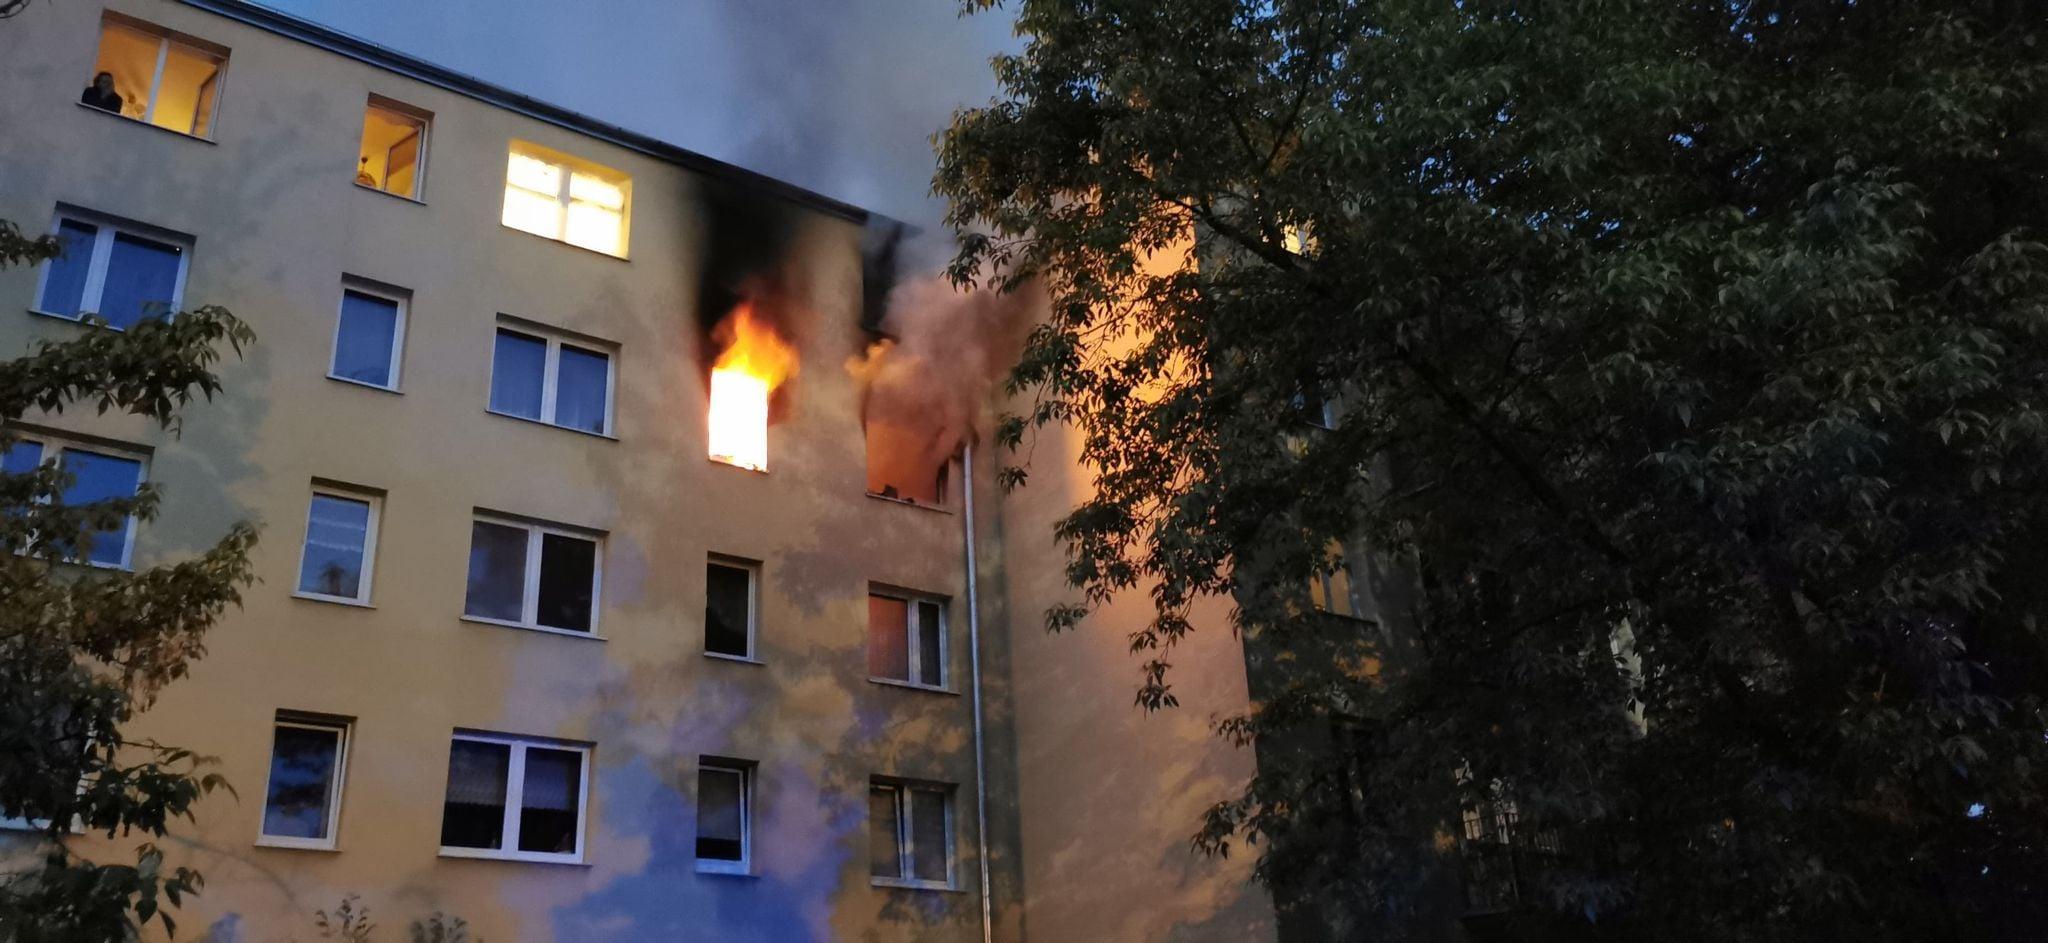 Trwa zbiórka na pomoc ofiarom pożaru w Pruszkowie